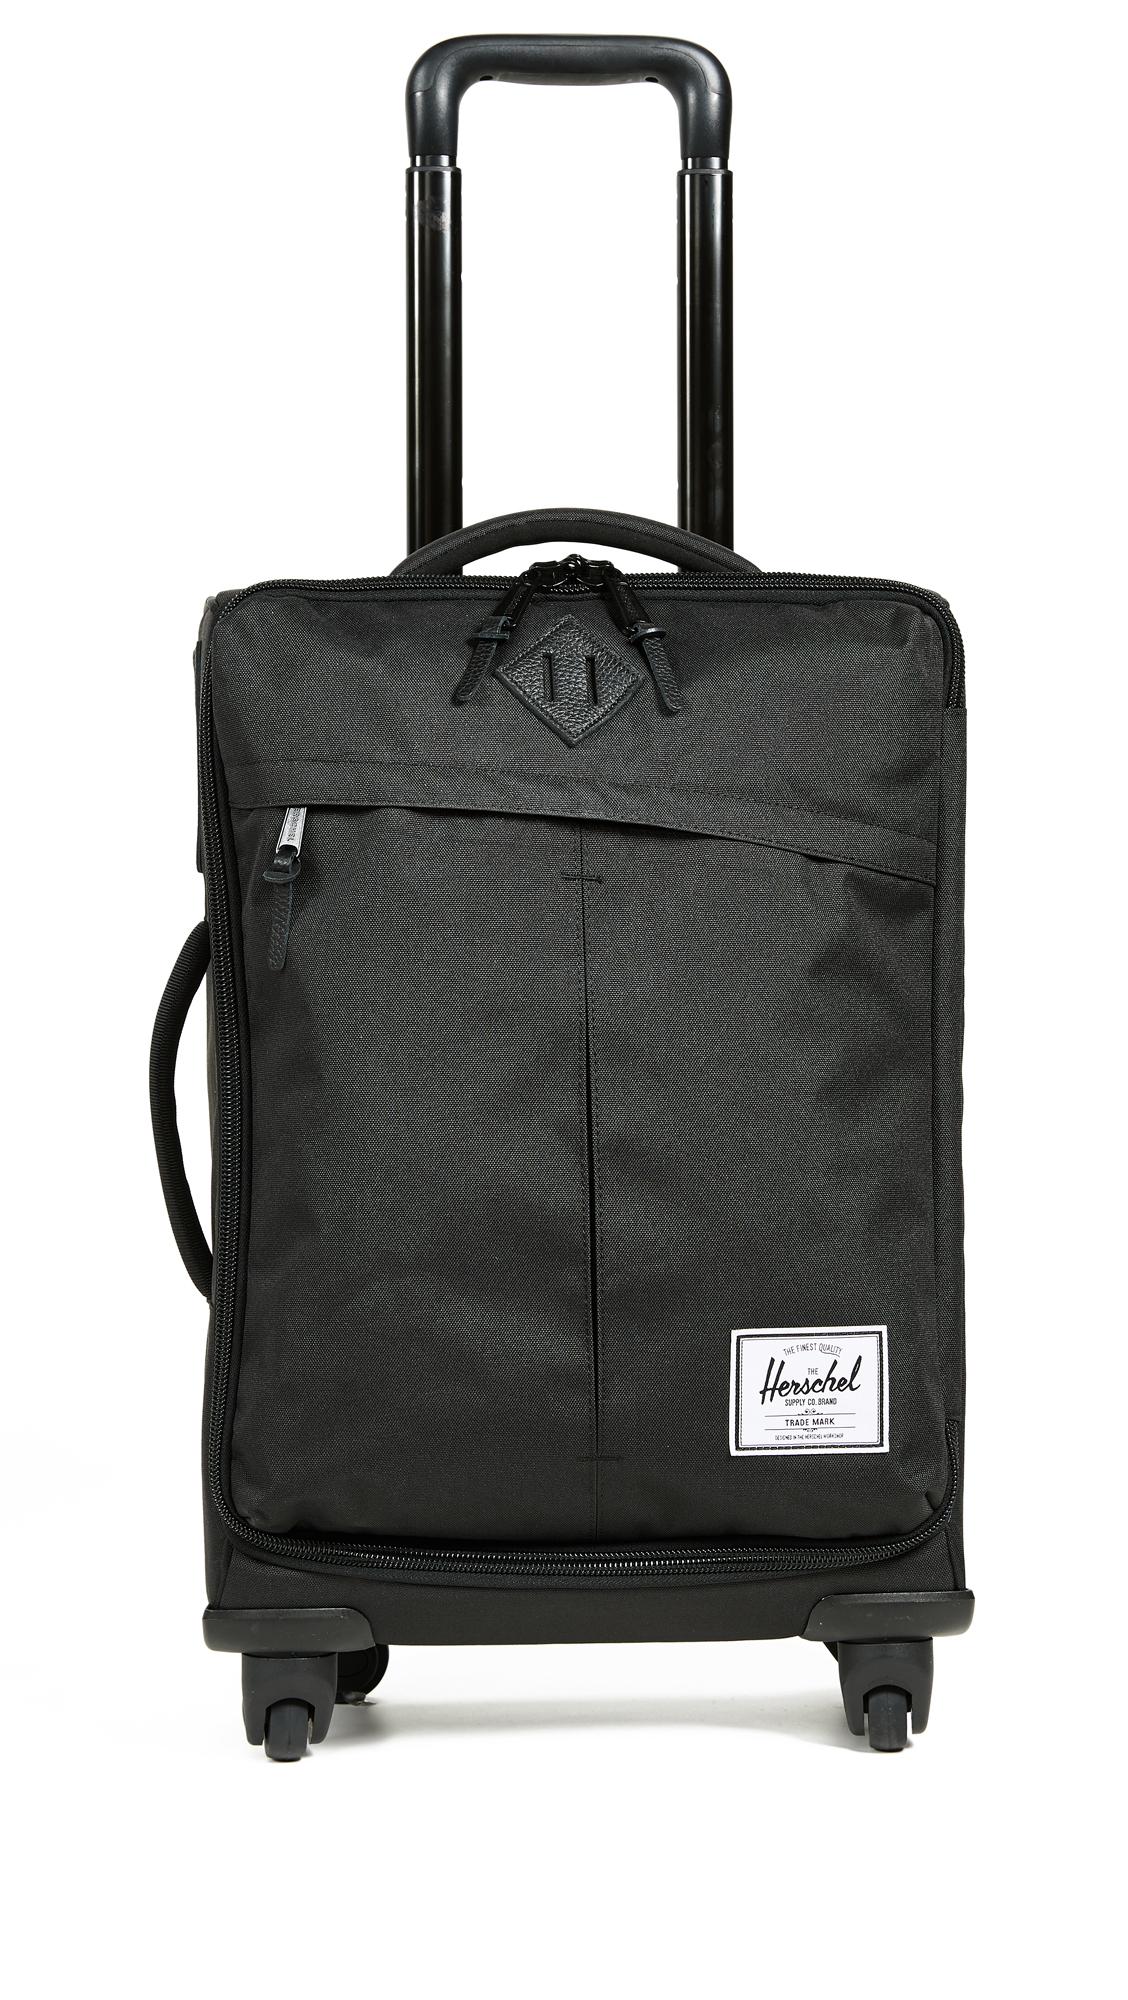 Highland Four Wheel Suitcase, Black